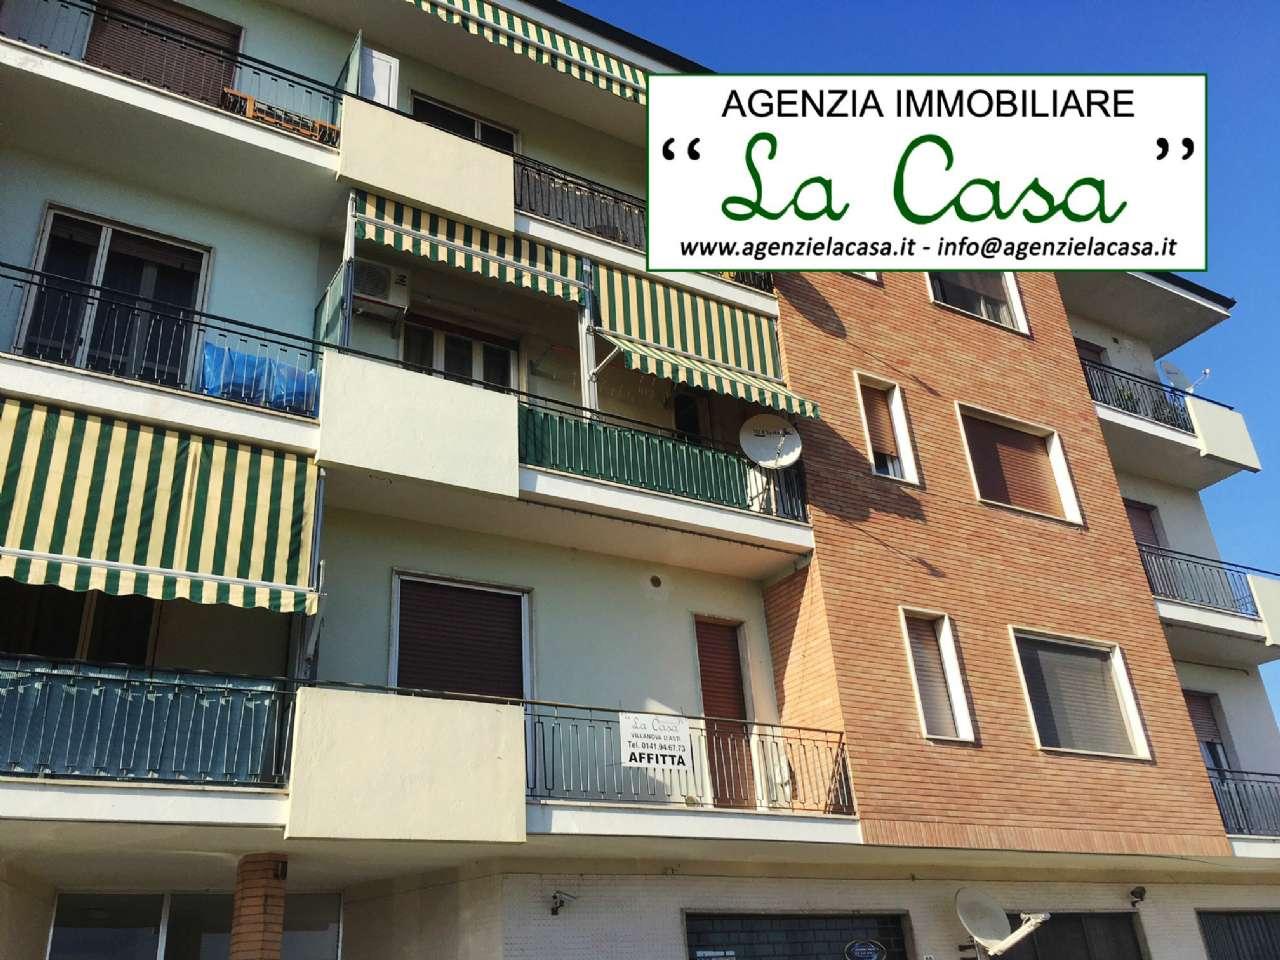 Appartamento in affitto a Villanova d'Asti, 2 locali, prezzo € 280 | CambioCasa.it